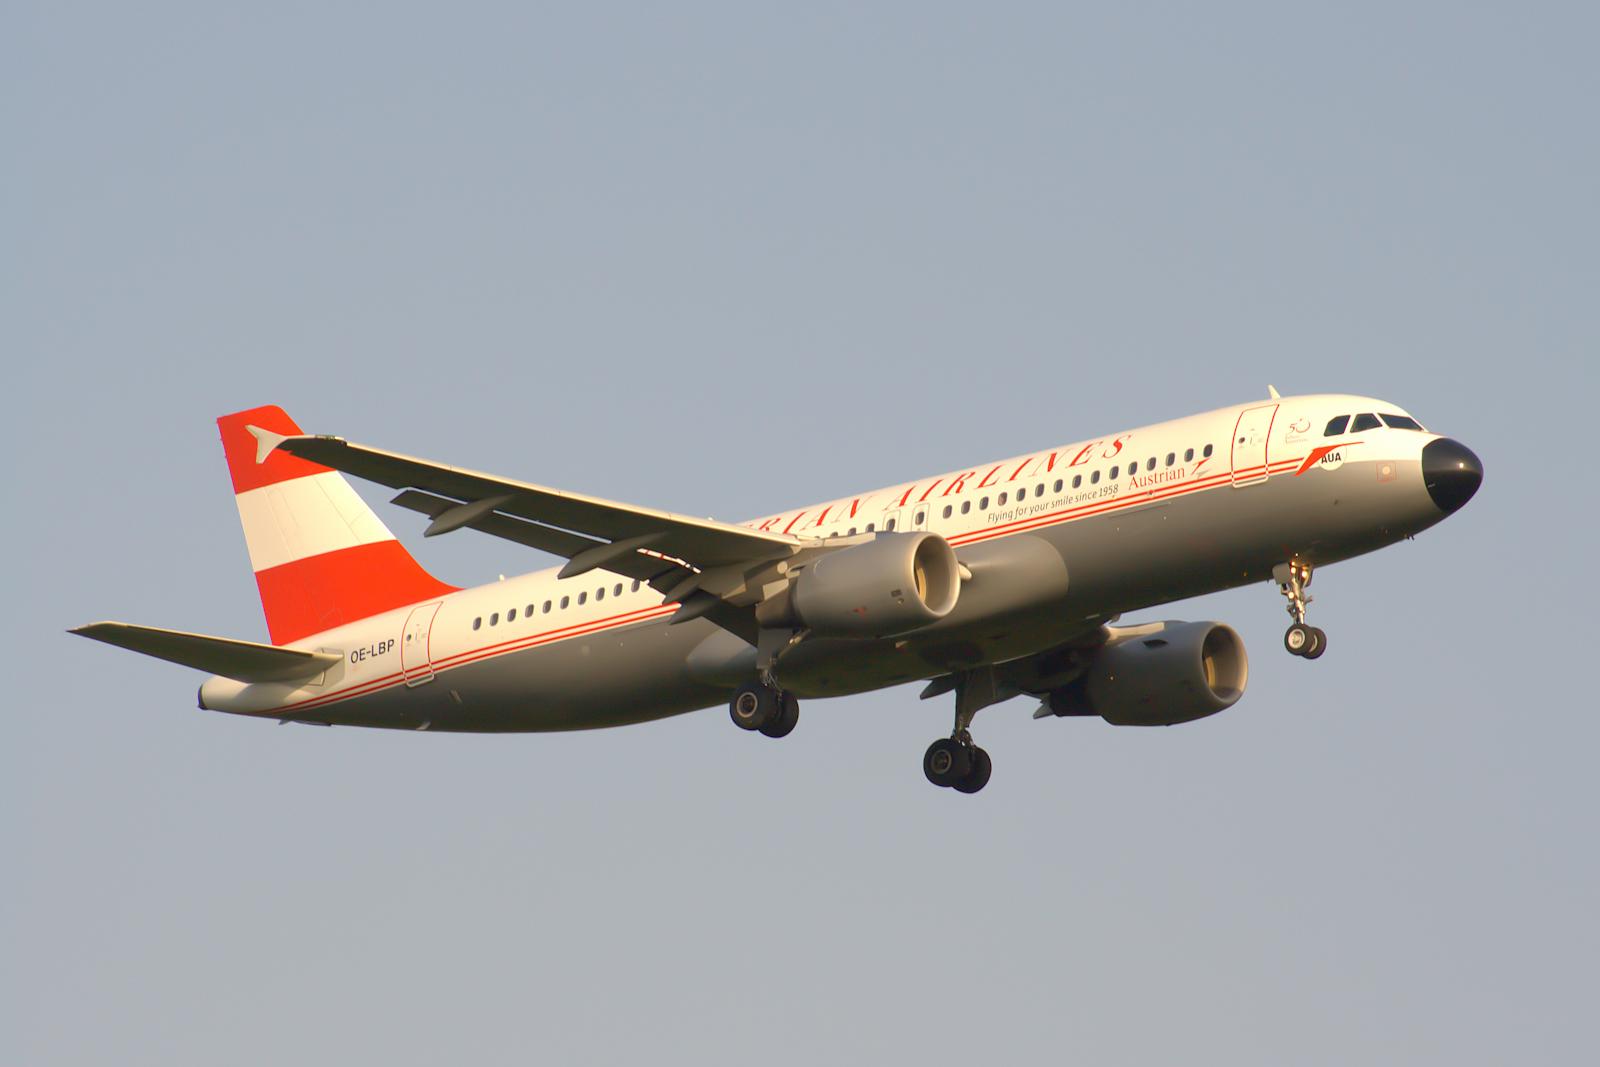 OE-LBP Austrian Airlines Airbus A320-200 Retro c/s